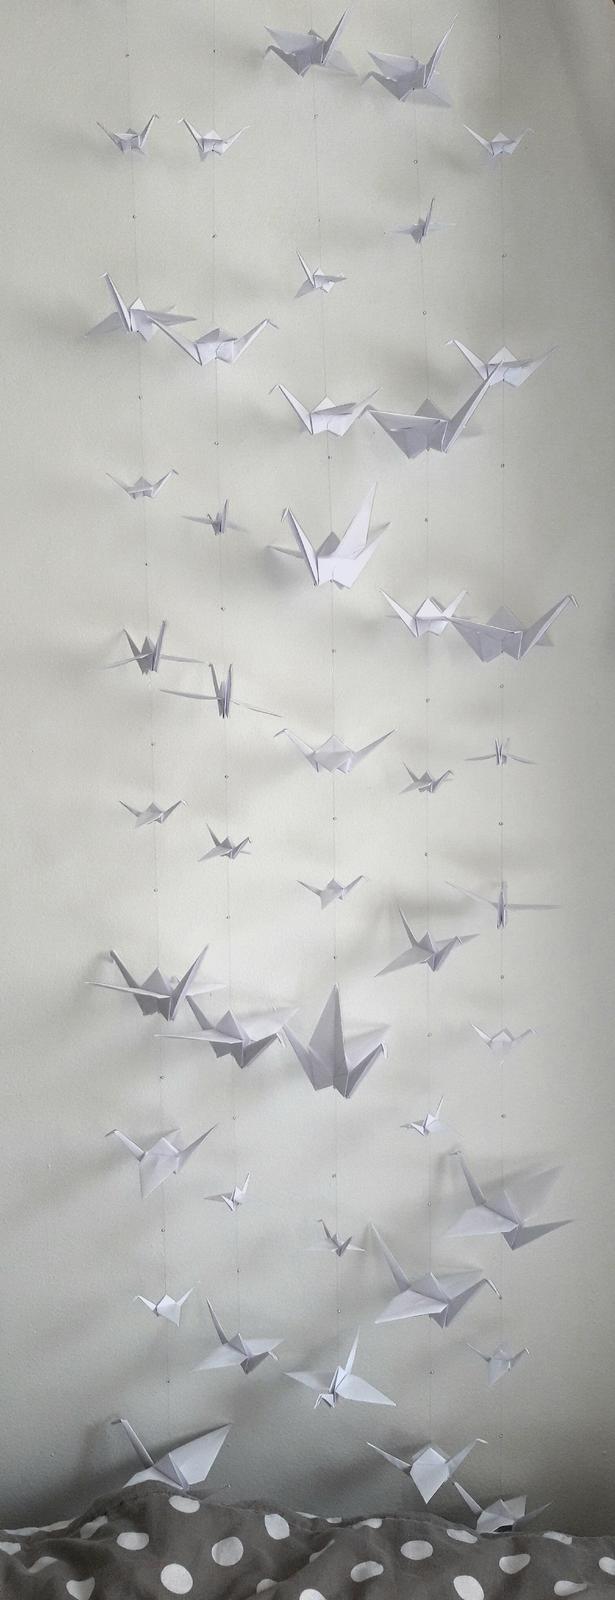 Závěs origami jeřábků s korálky bílé barvy  - Obrázek č. 1